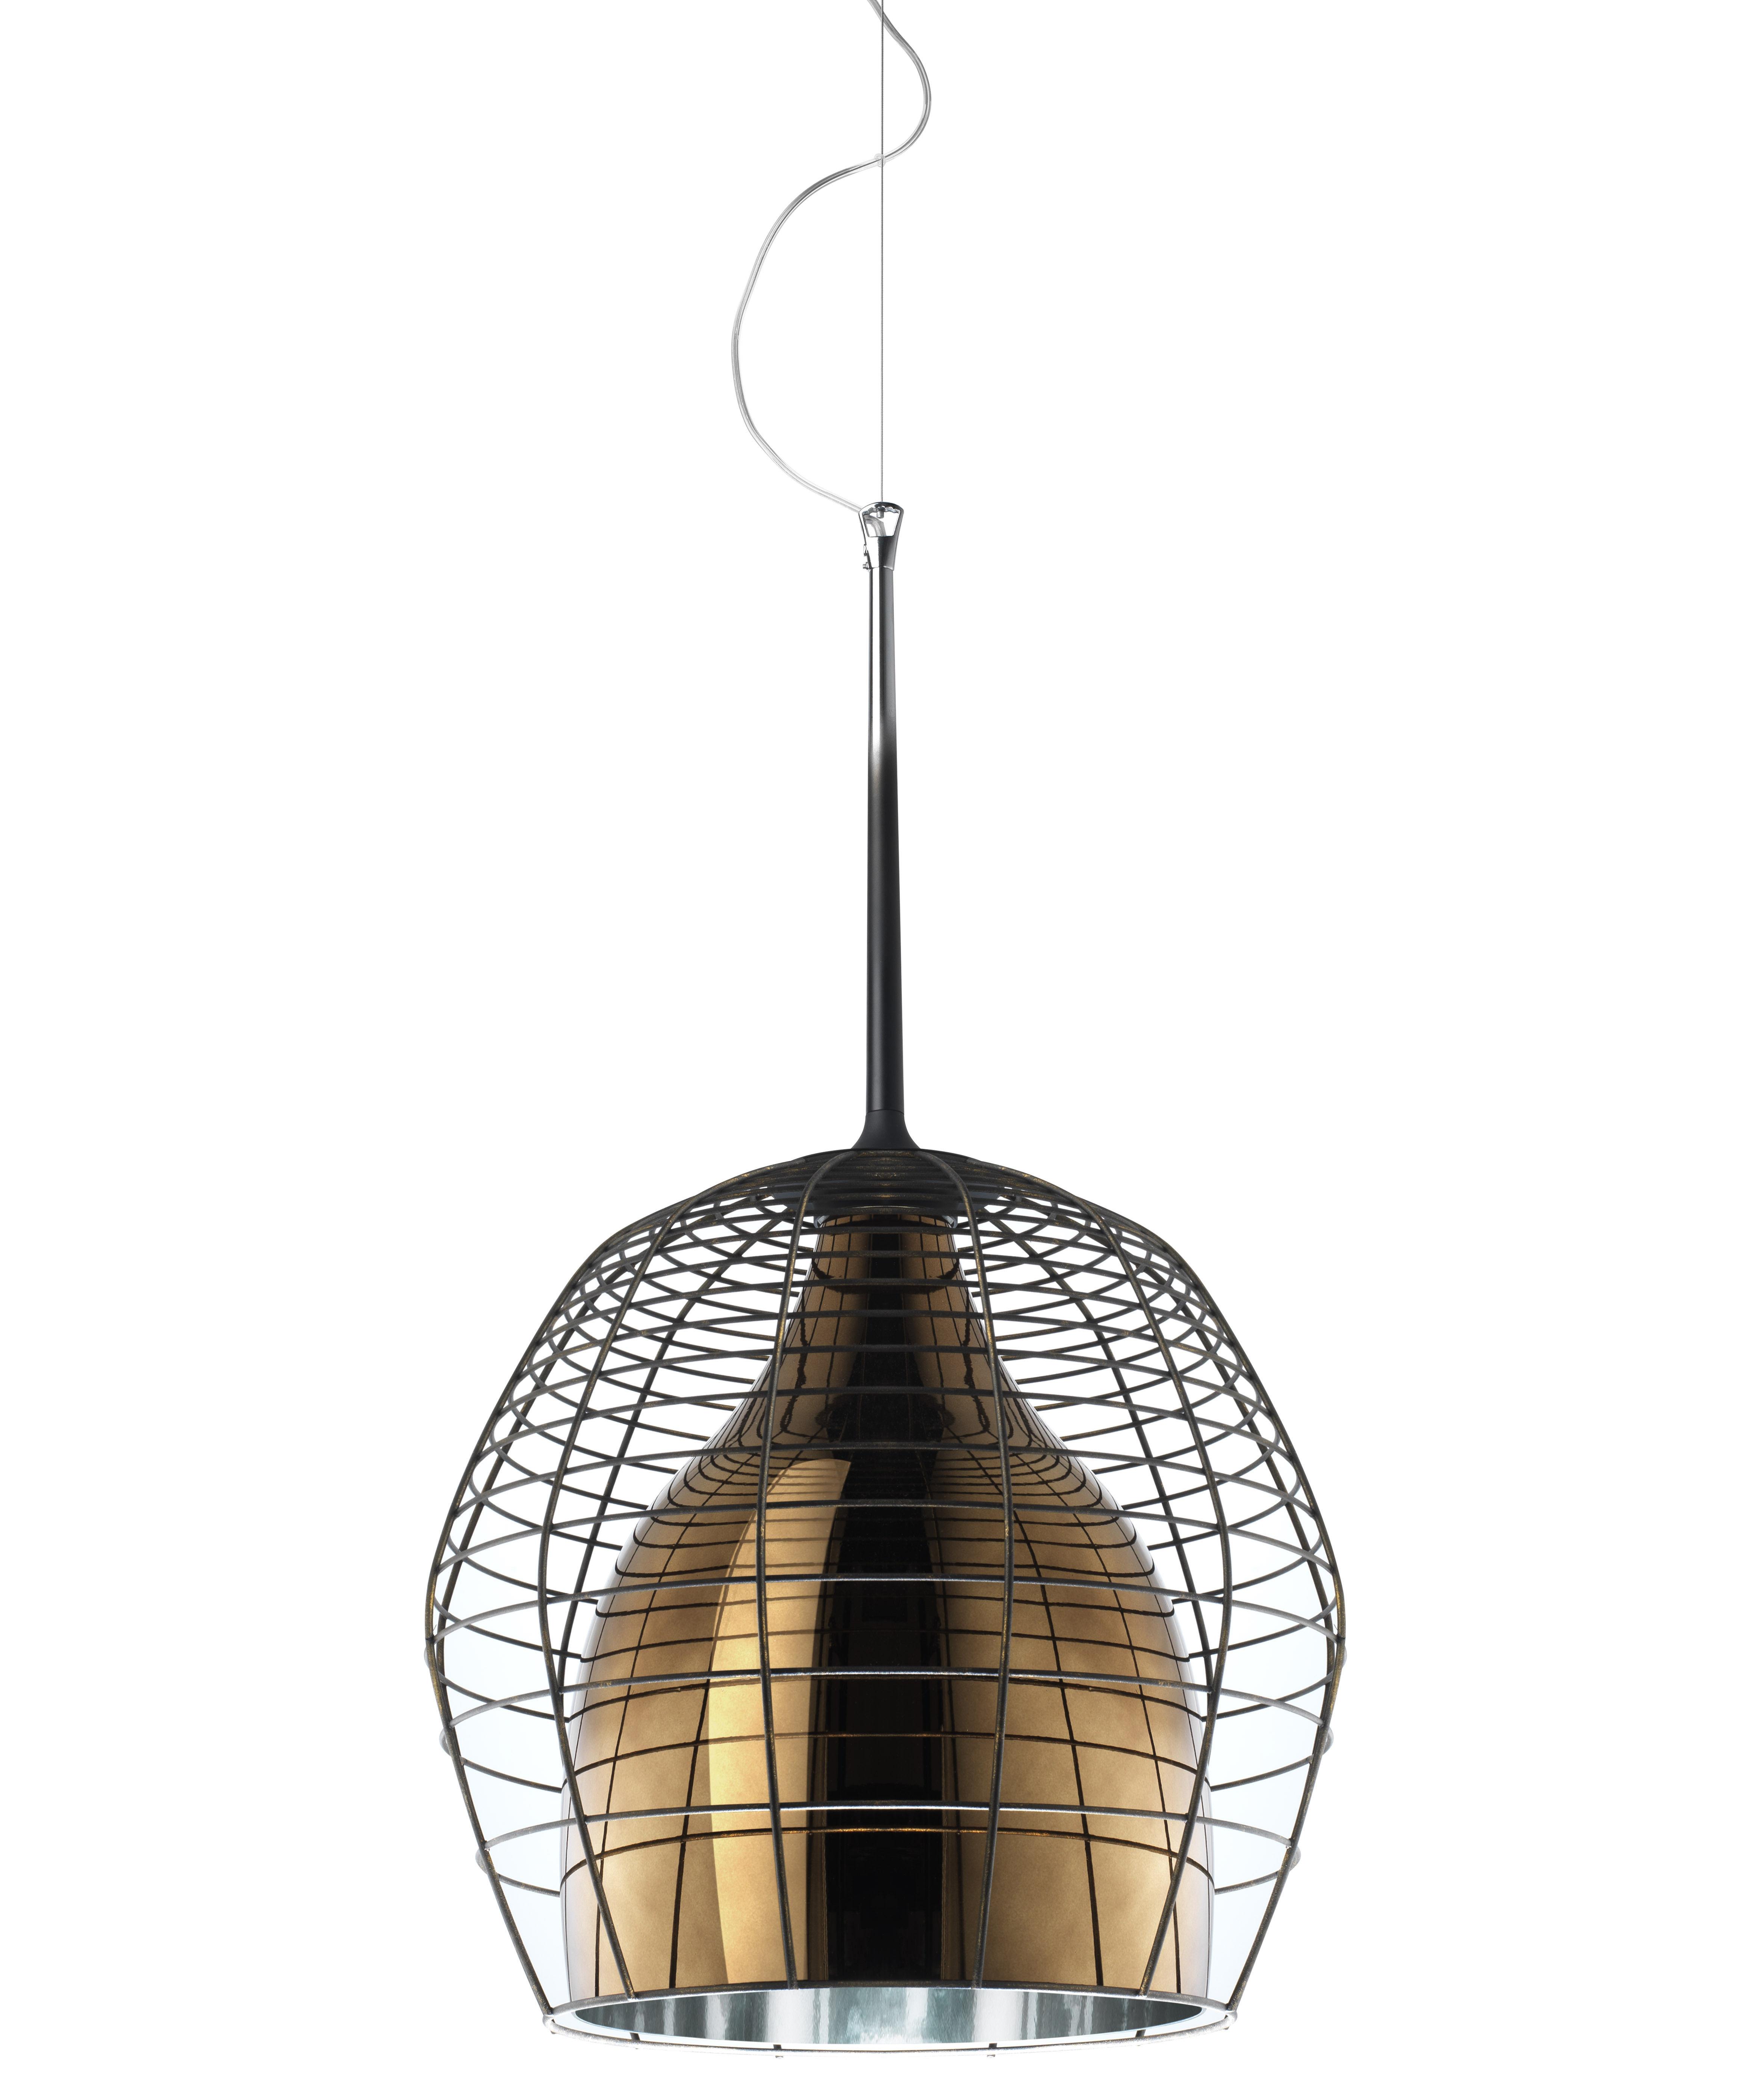 Illuminazione - Lampadari - Sospensione Cage - Ø 34 cm di Diesel with Foscarini - Gabbia marrone / Bronzo - metallo verniciato, vetro soffiato